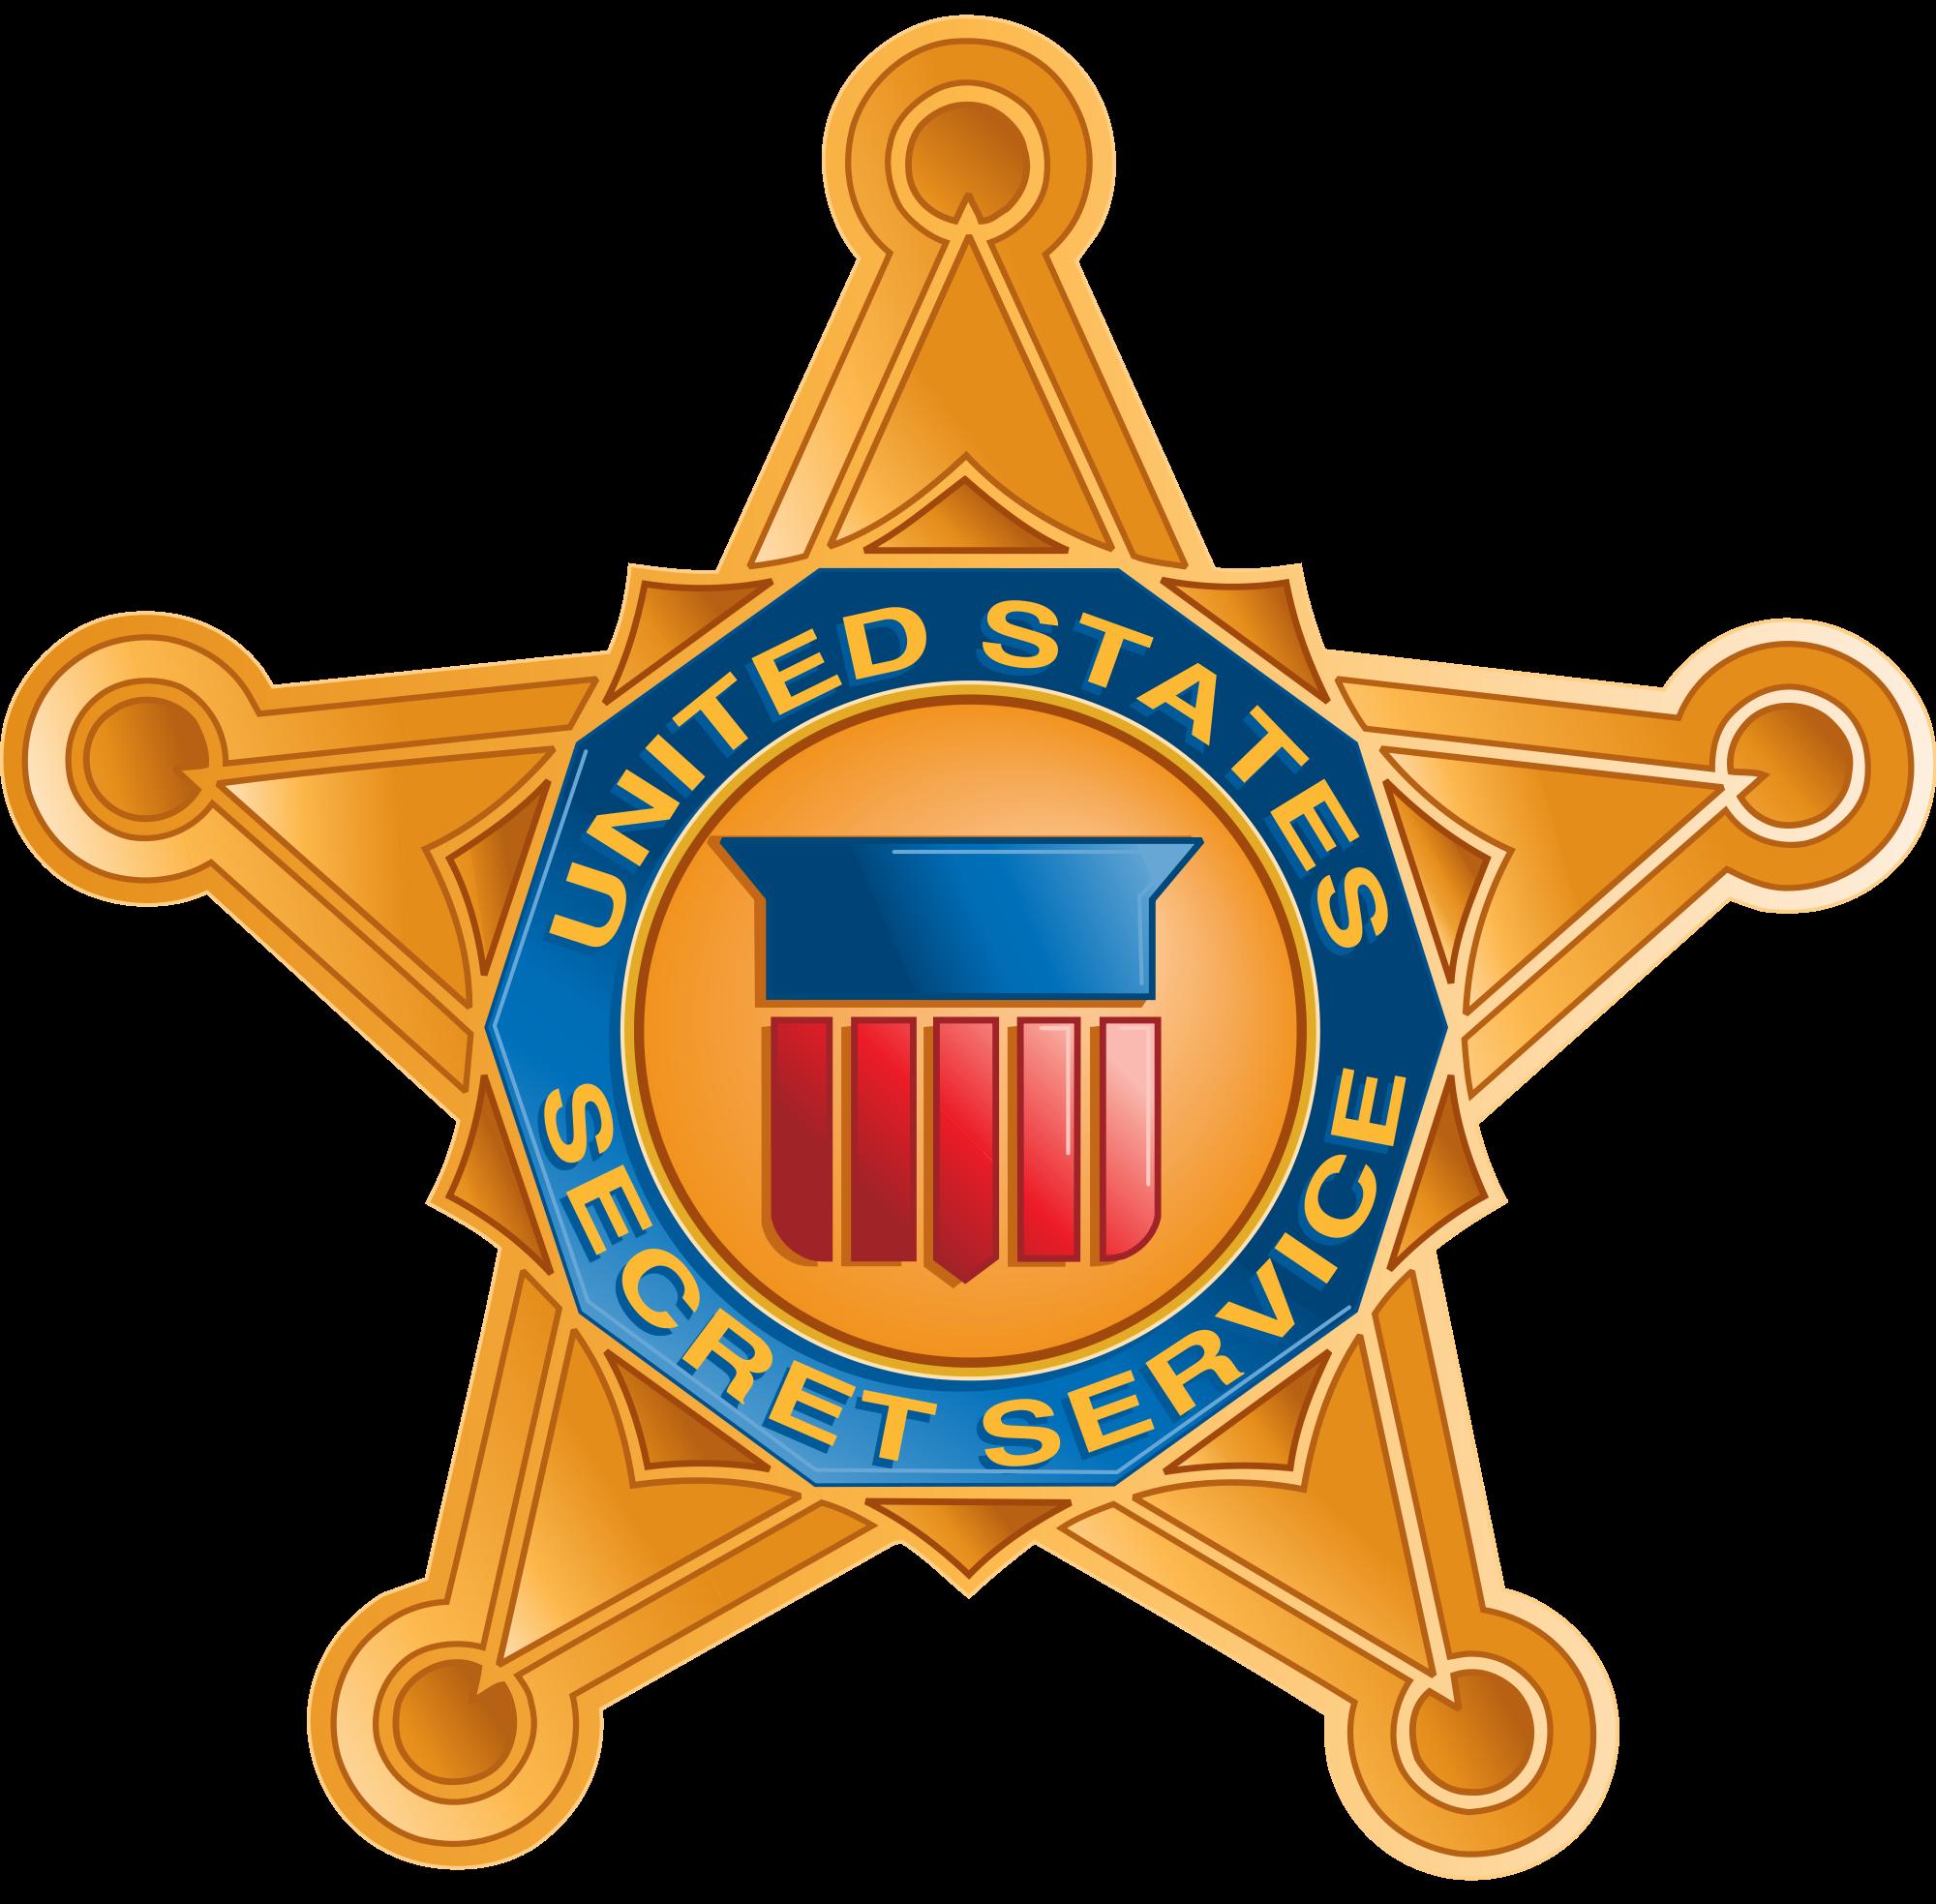 Us secret service badge clipart.